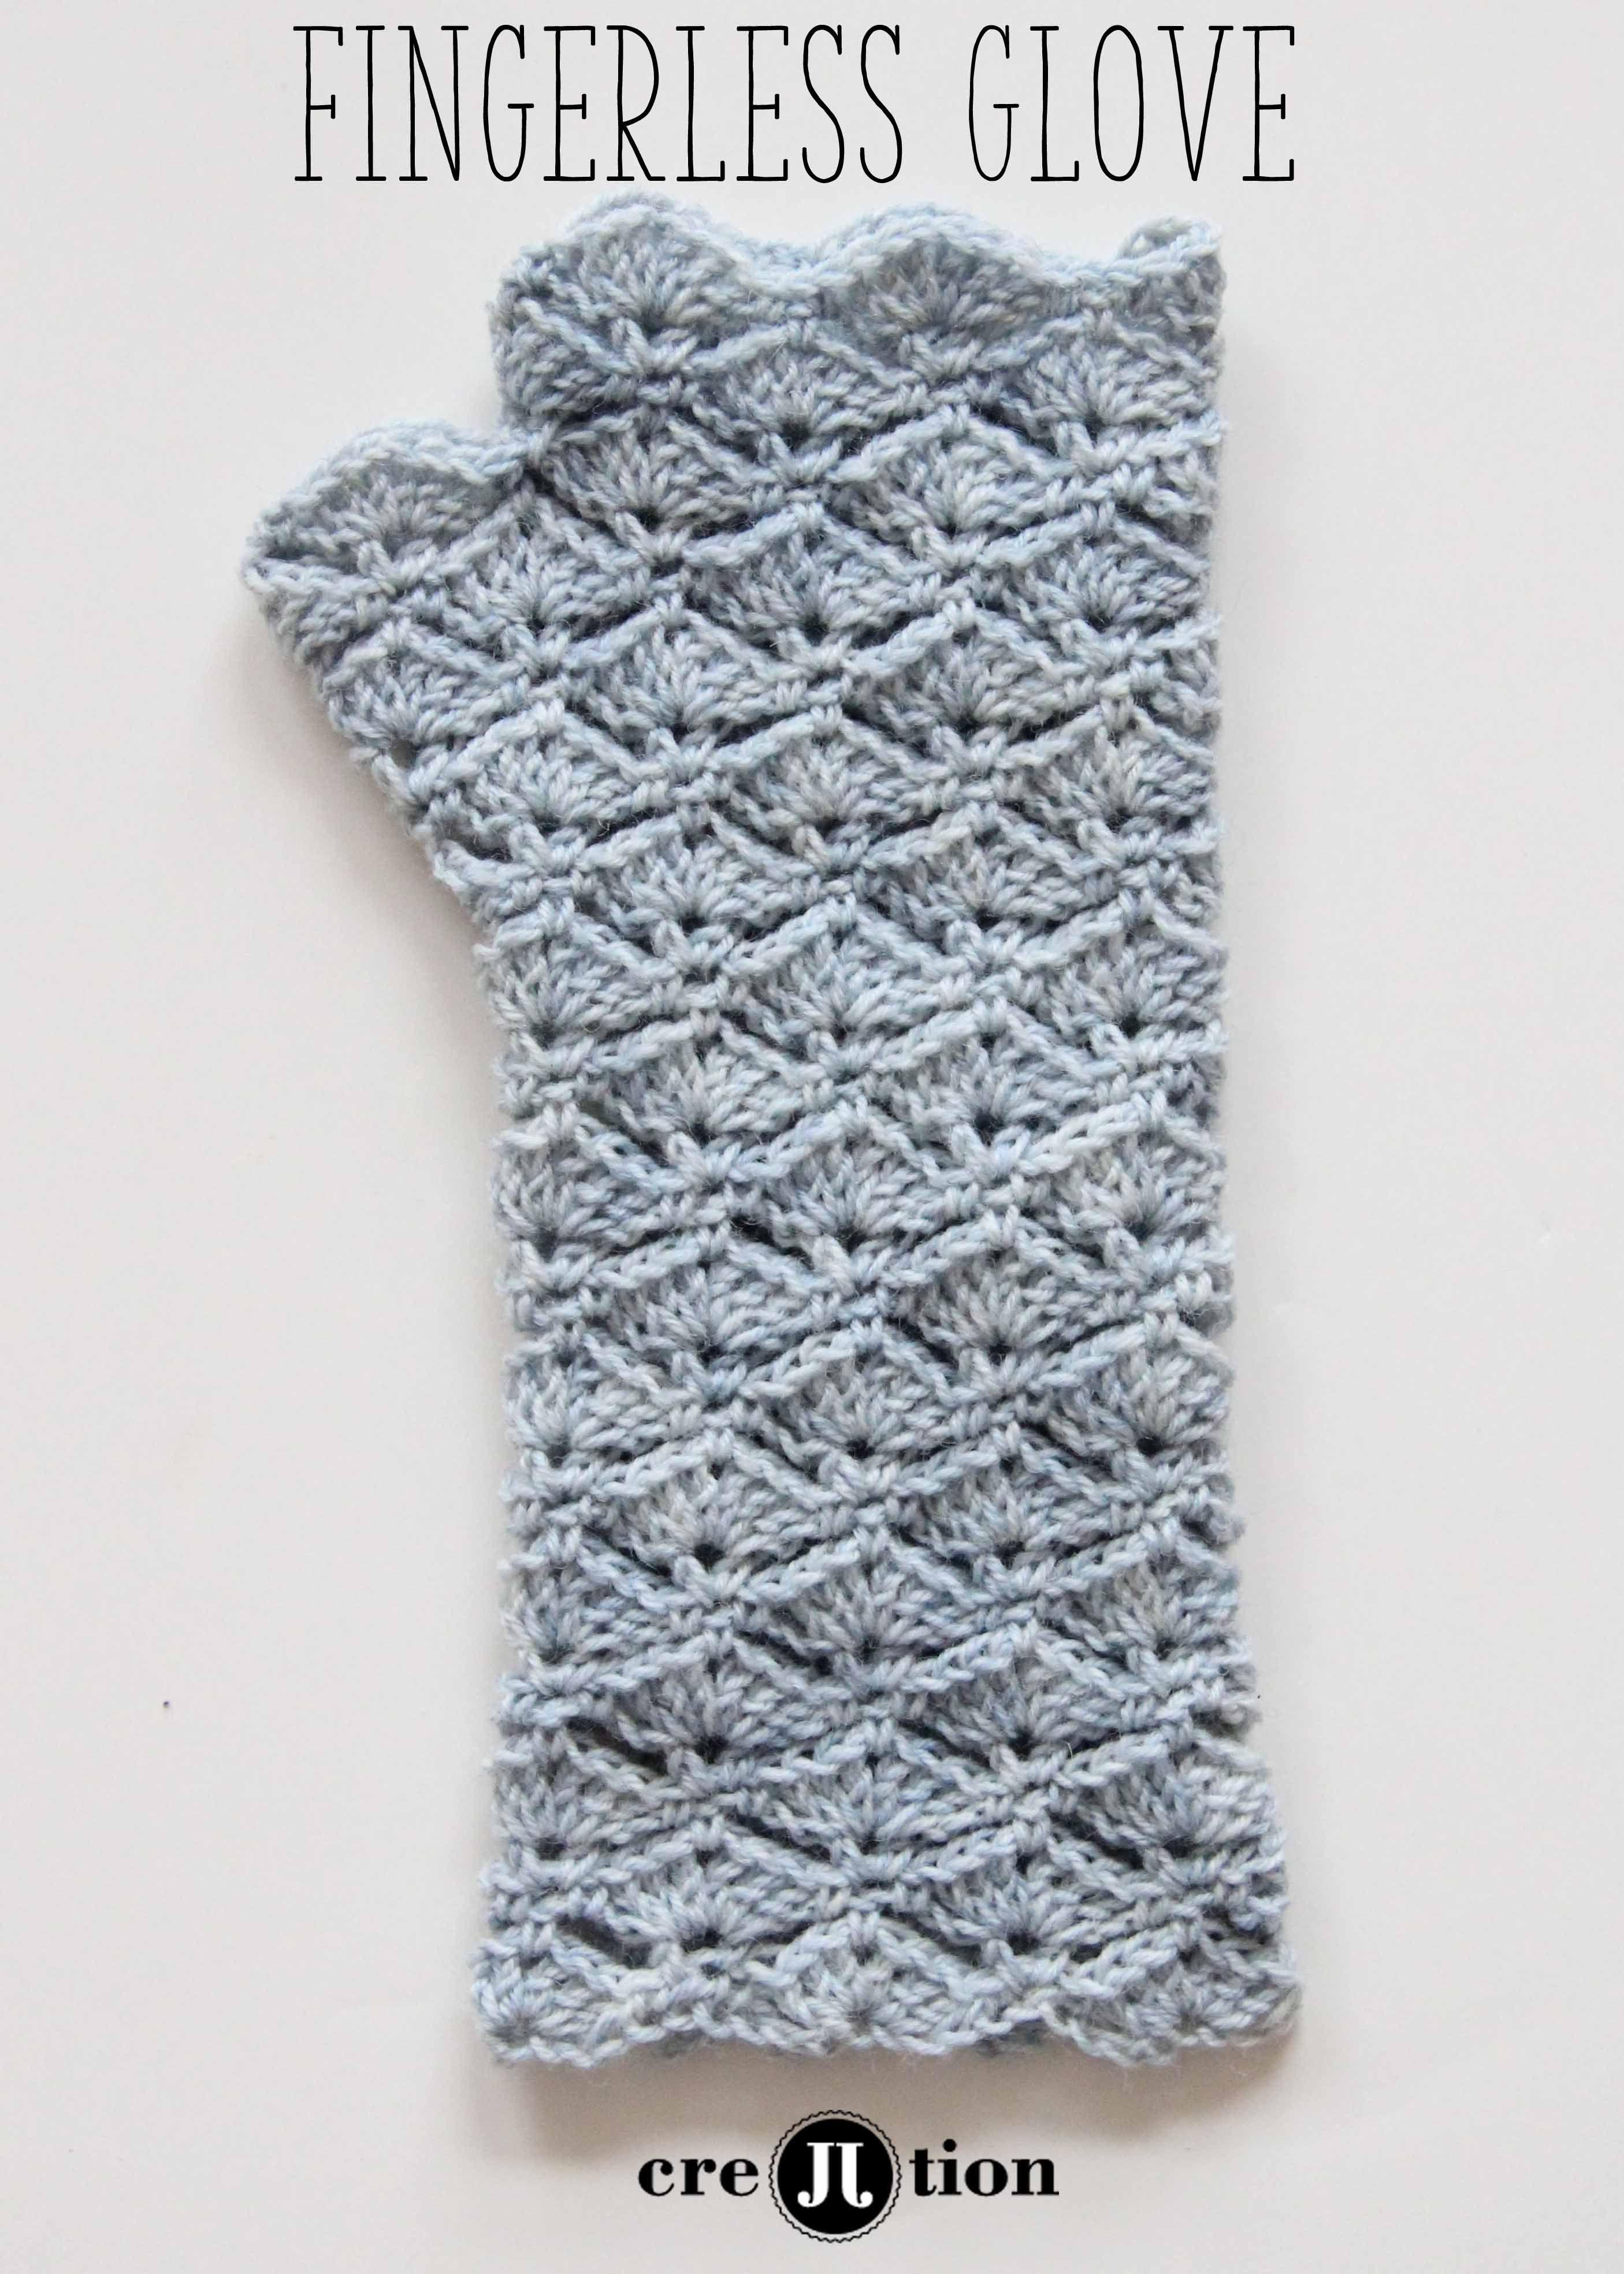 Crochet Figerless Glove - Tutorial ❥ 4U // hf http://www.pinterest ...